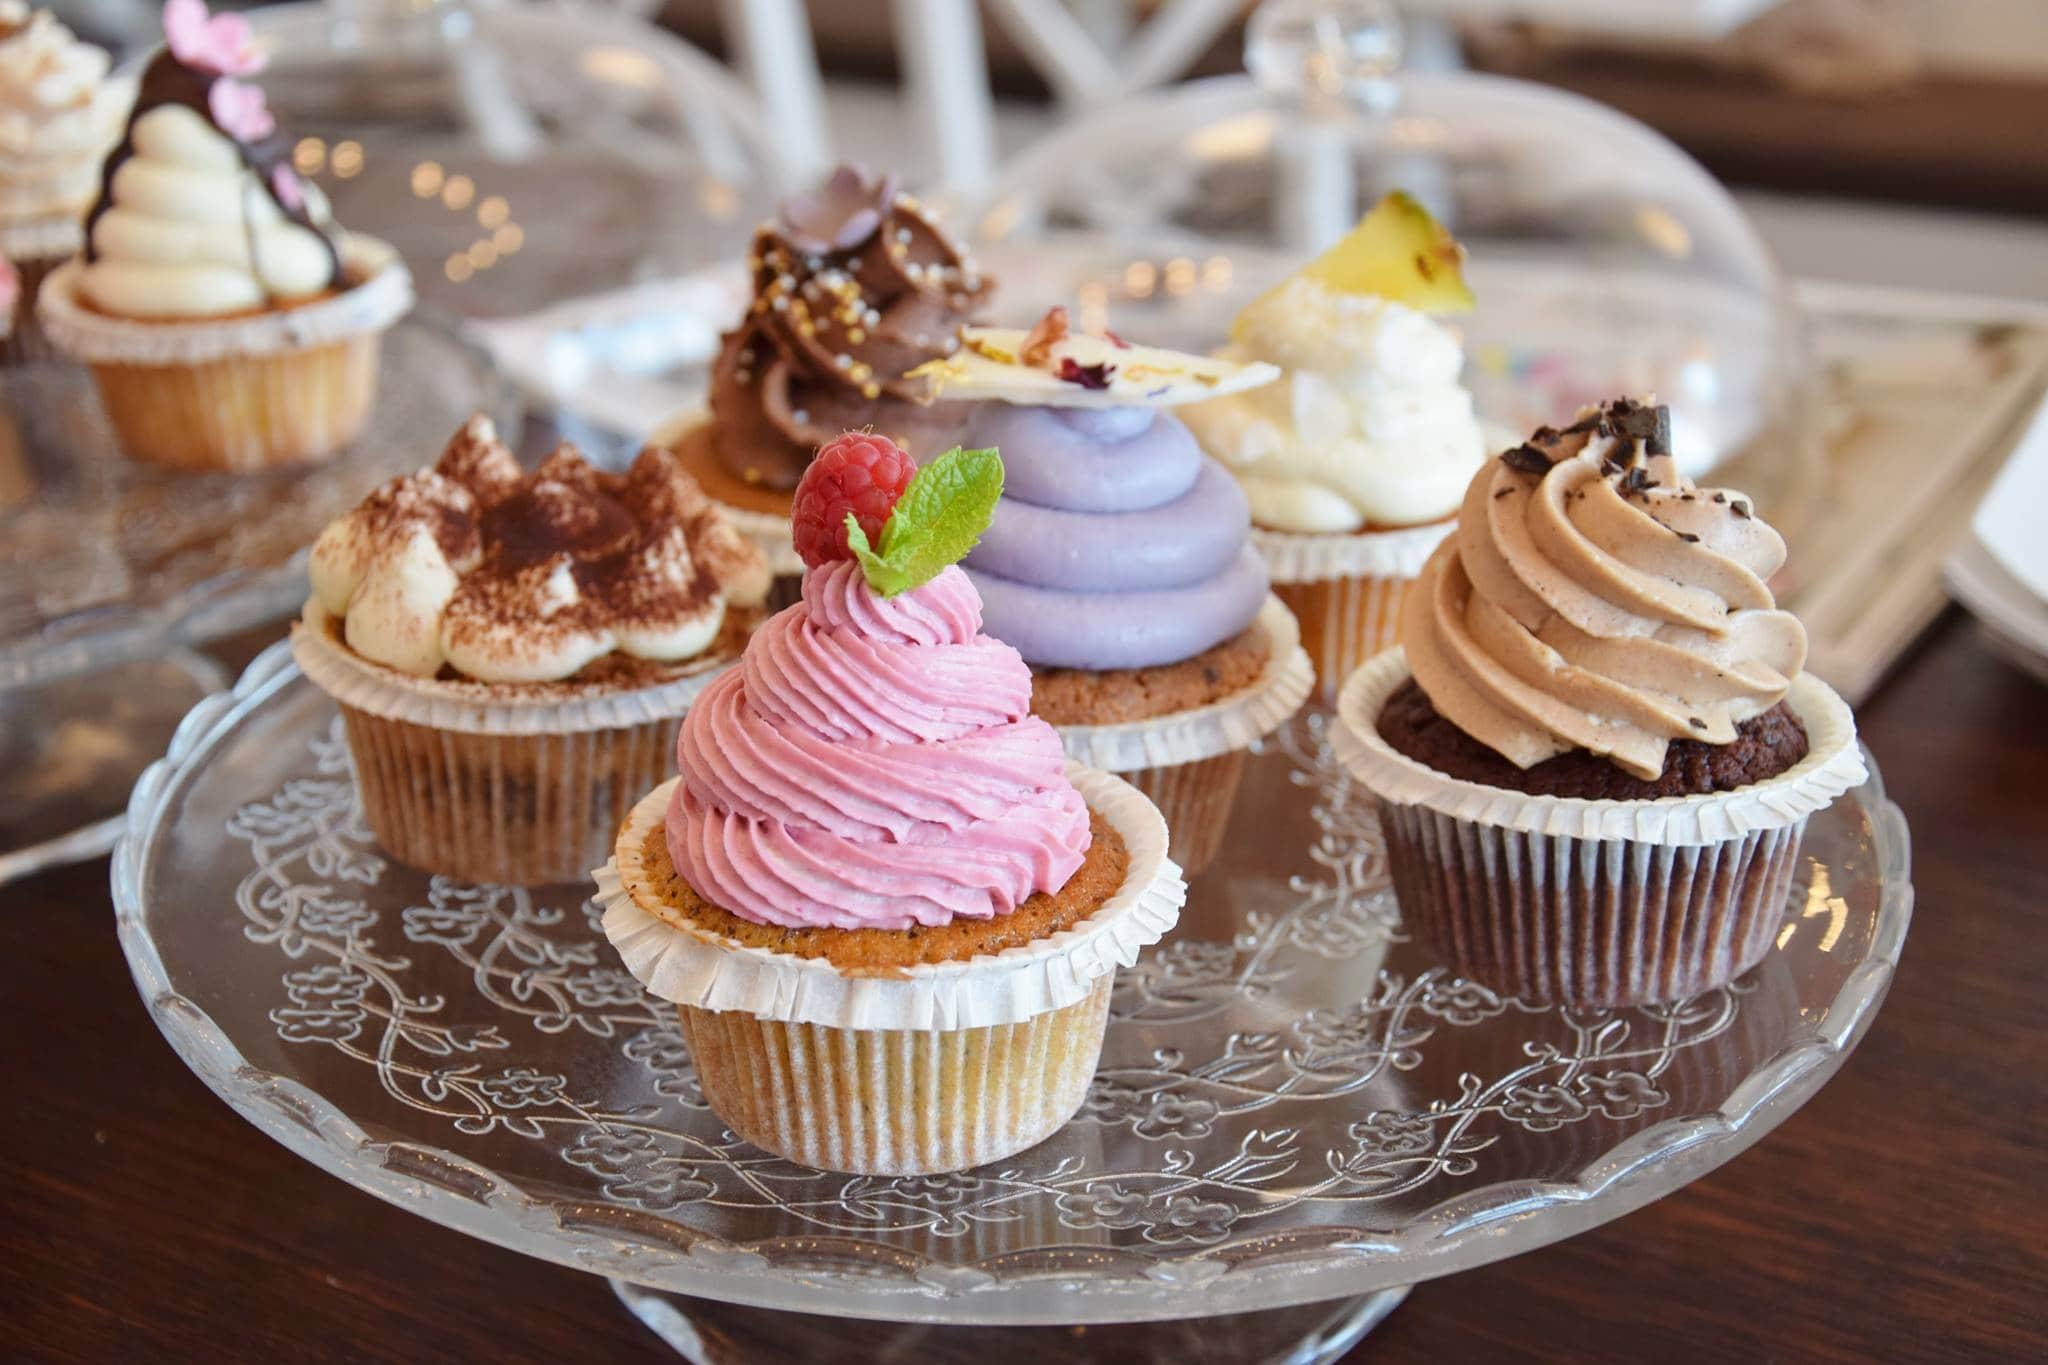 ein Glasteller mit verschiedenen Cupcakes von Rose Cupcake Shop & Cafe in Klagenfurt. Sie haben unterschiedlichen Kuchenteig und verschiedenfarbige Toppings verziert mit Beeren, Schokolade, Streusel und Kakao